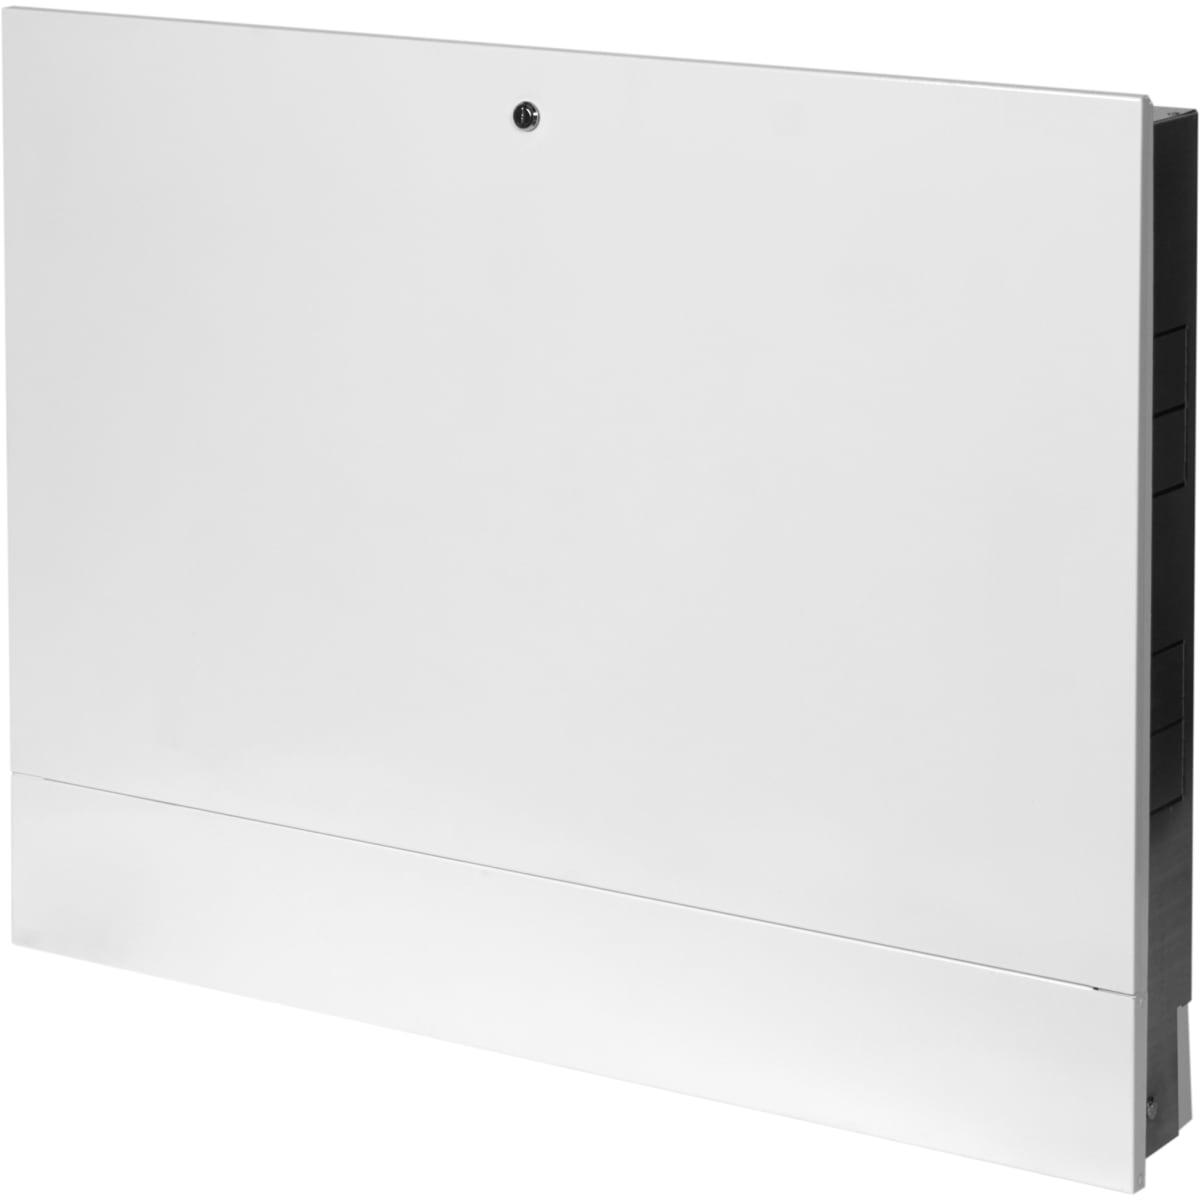 Шкаф коллекторный ШРВ-4 встраиваемый 850х120-180х648-711 мм